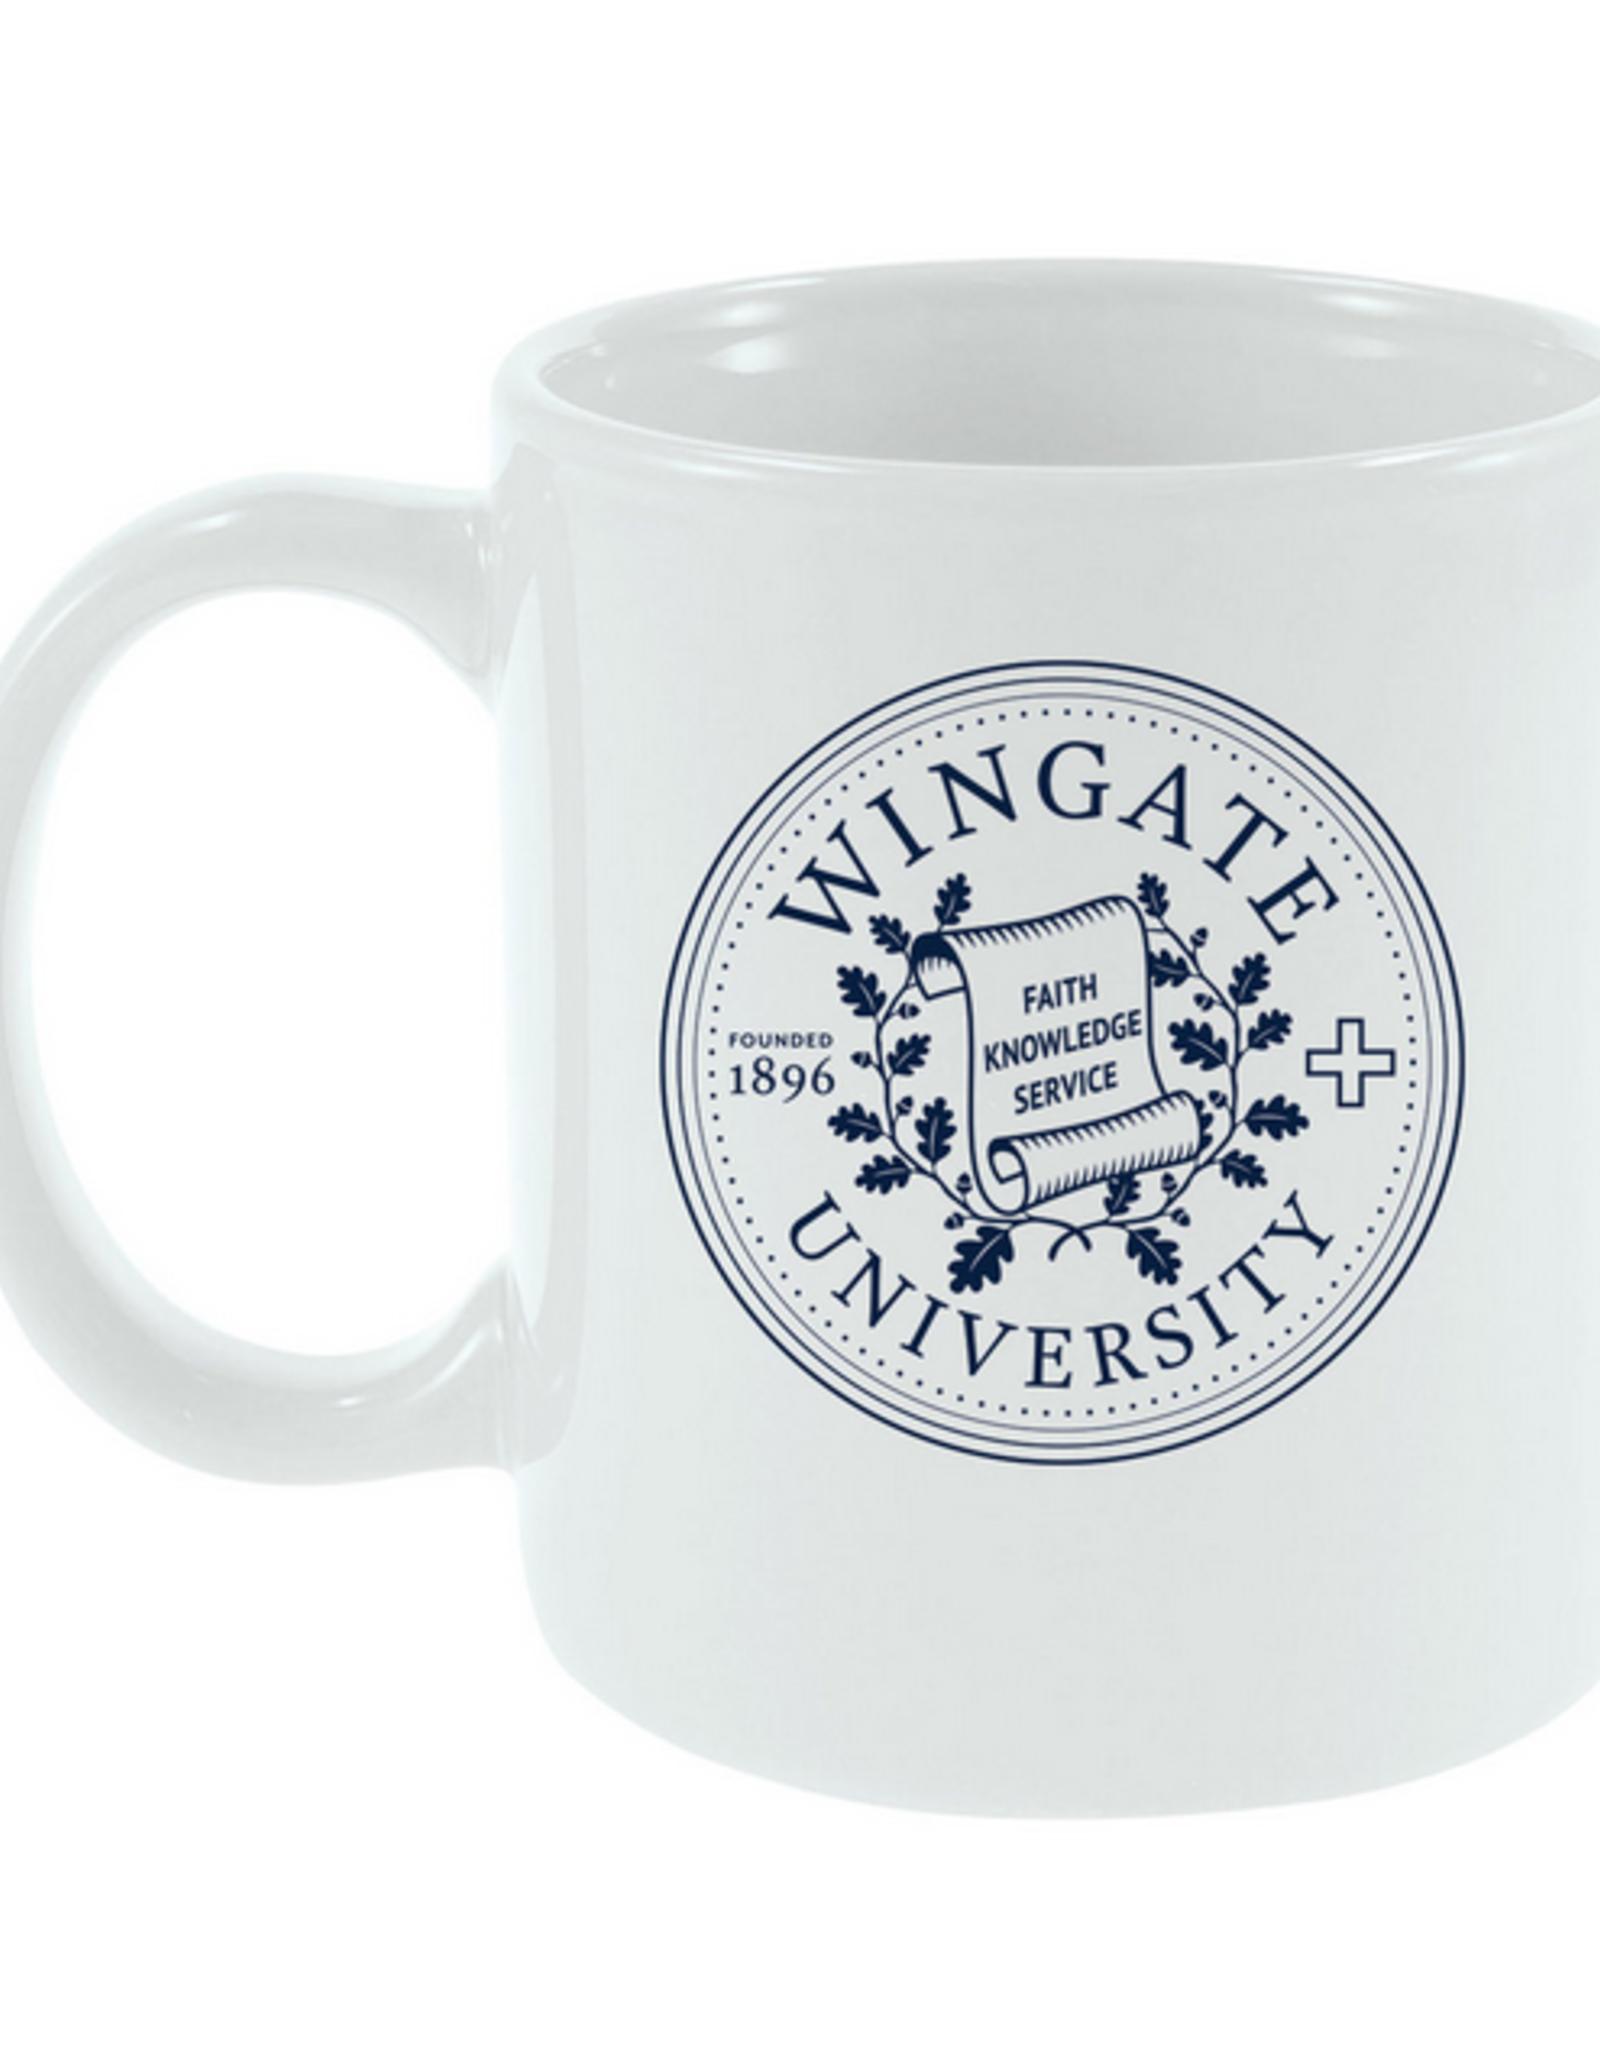 11oz Wingate Seal Cafe White Mug